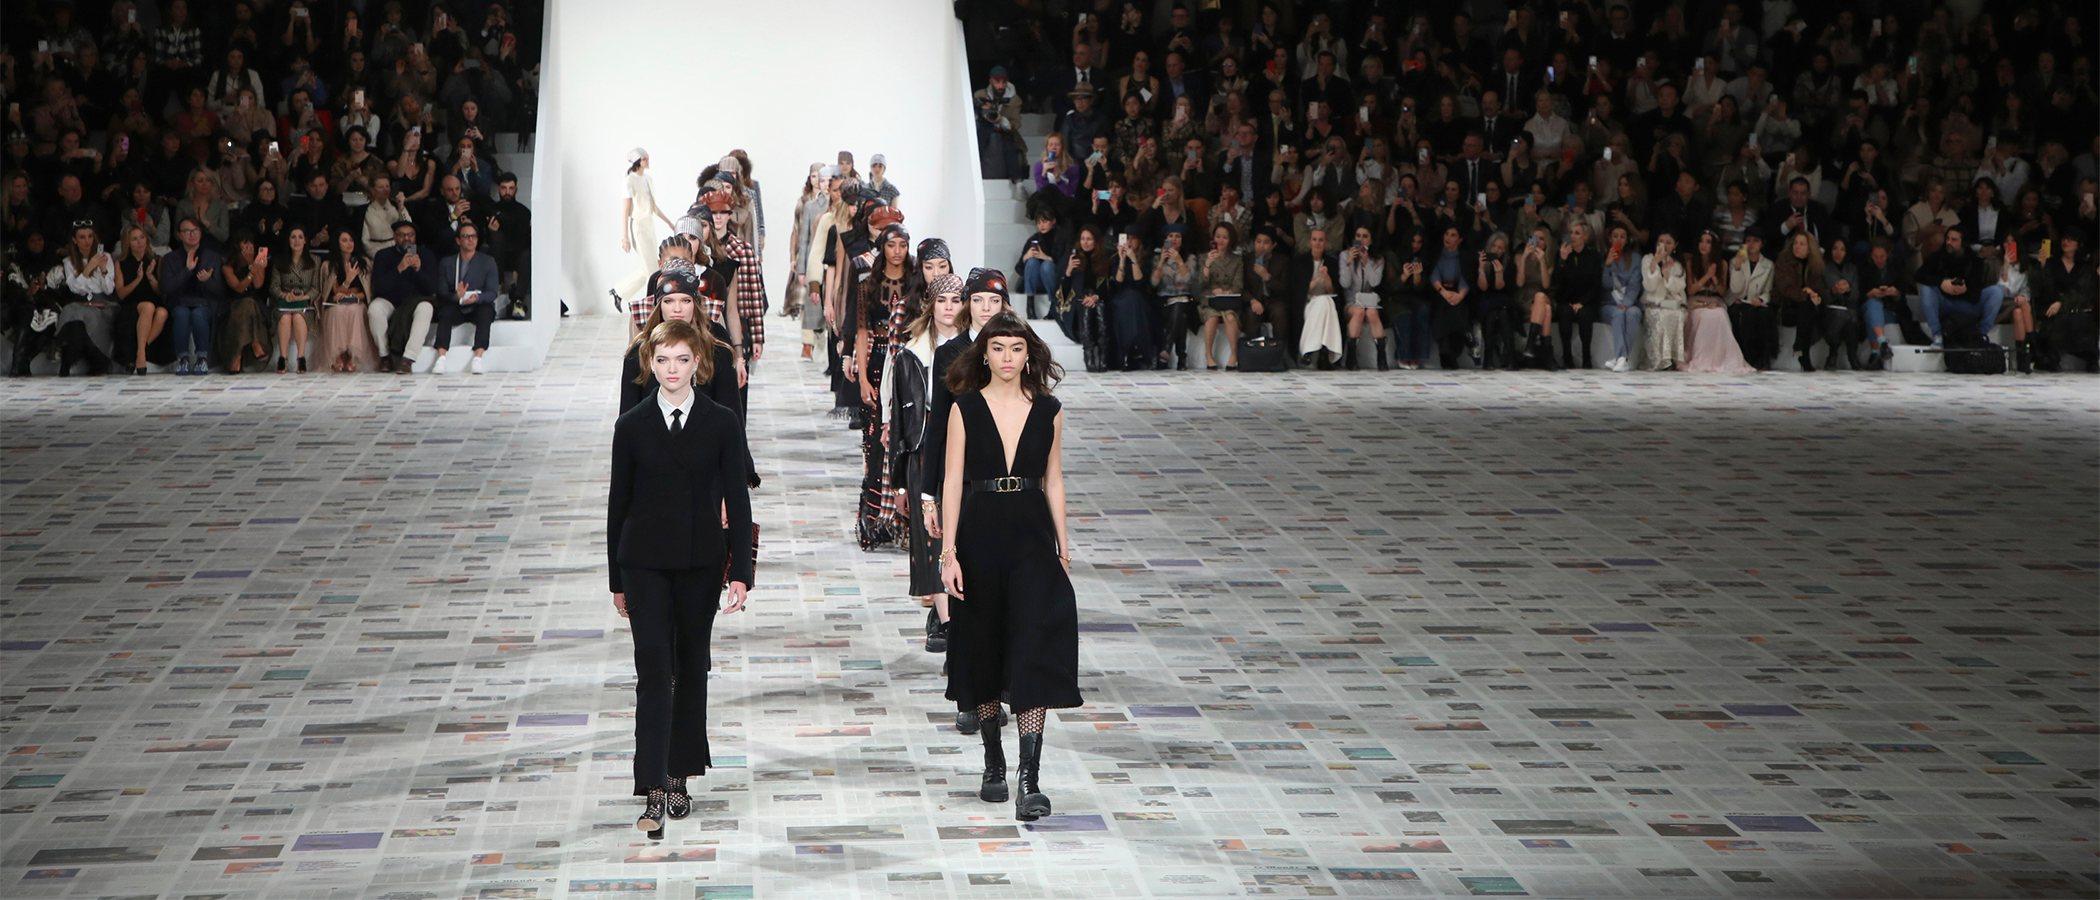 El movimiento feminista encabezado por Dior regresa a París